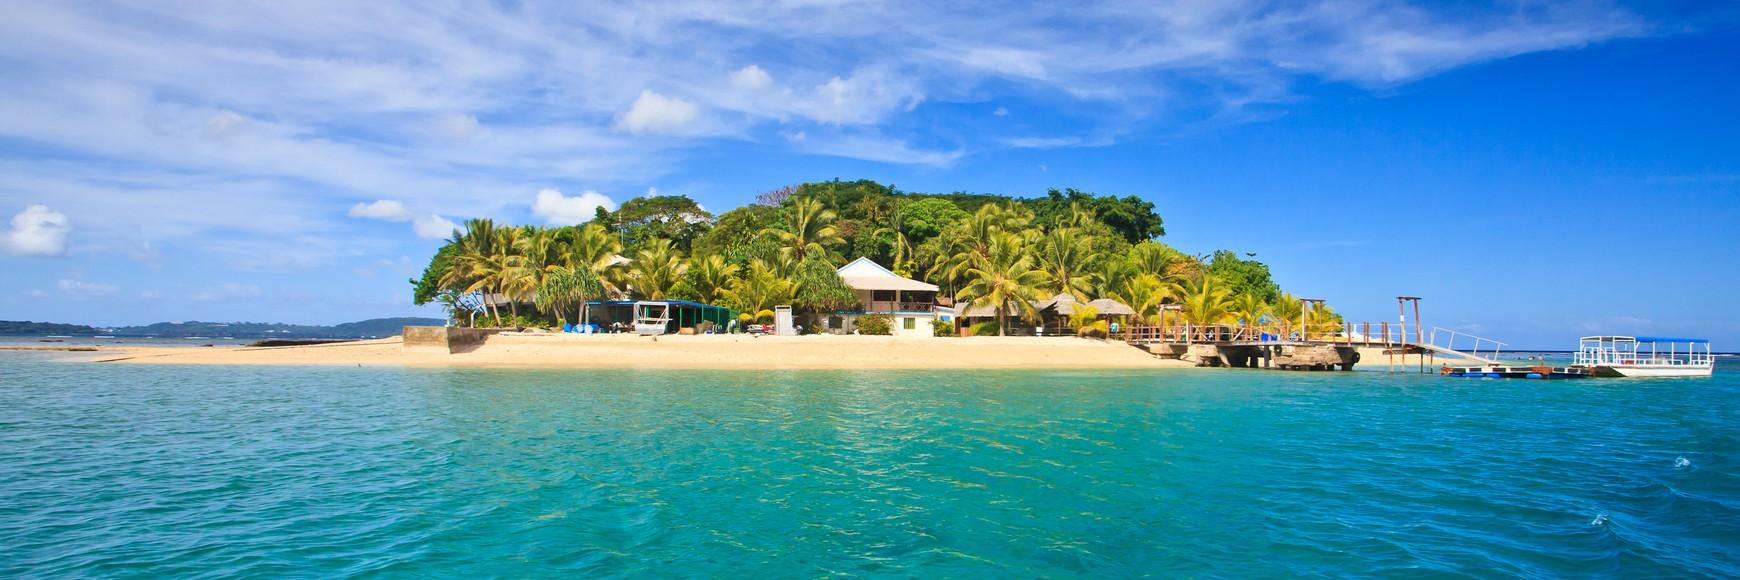 Location catamaran Vanuatu